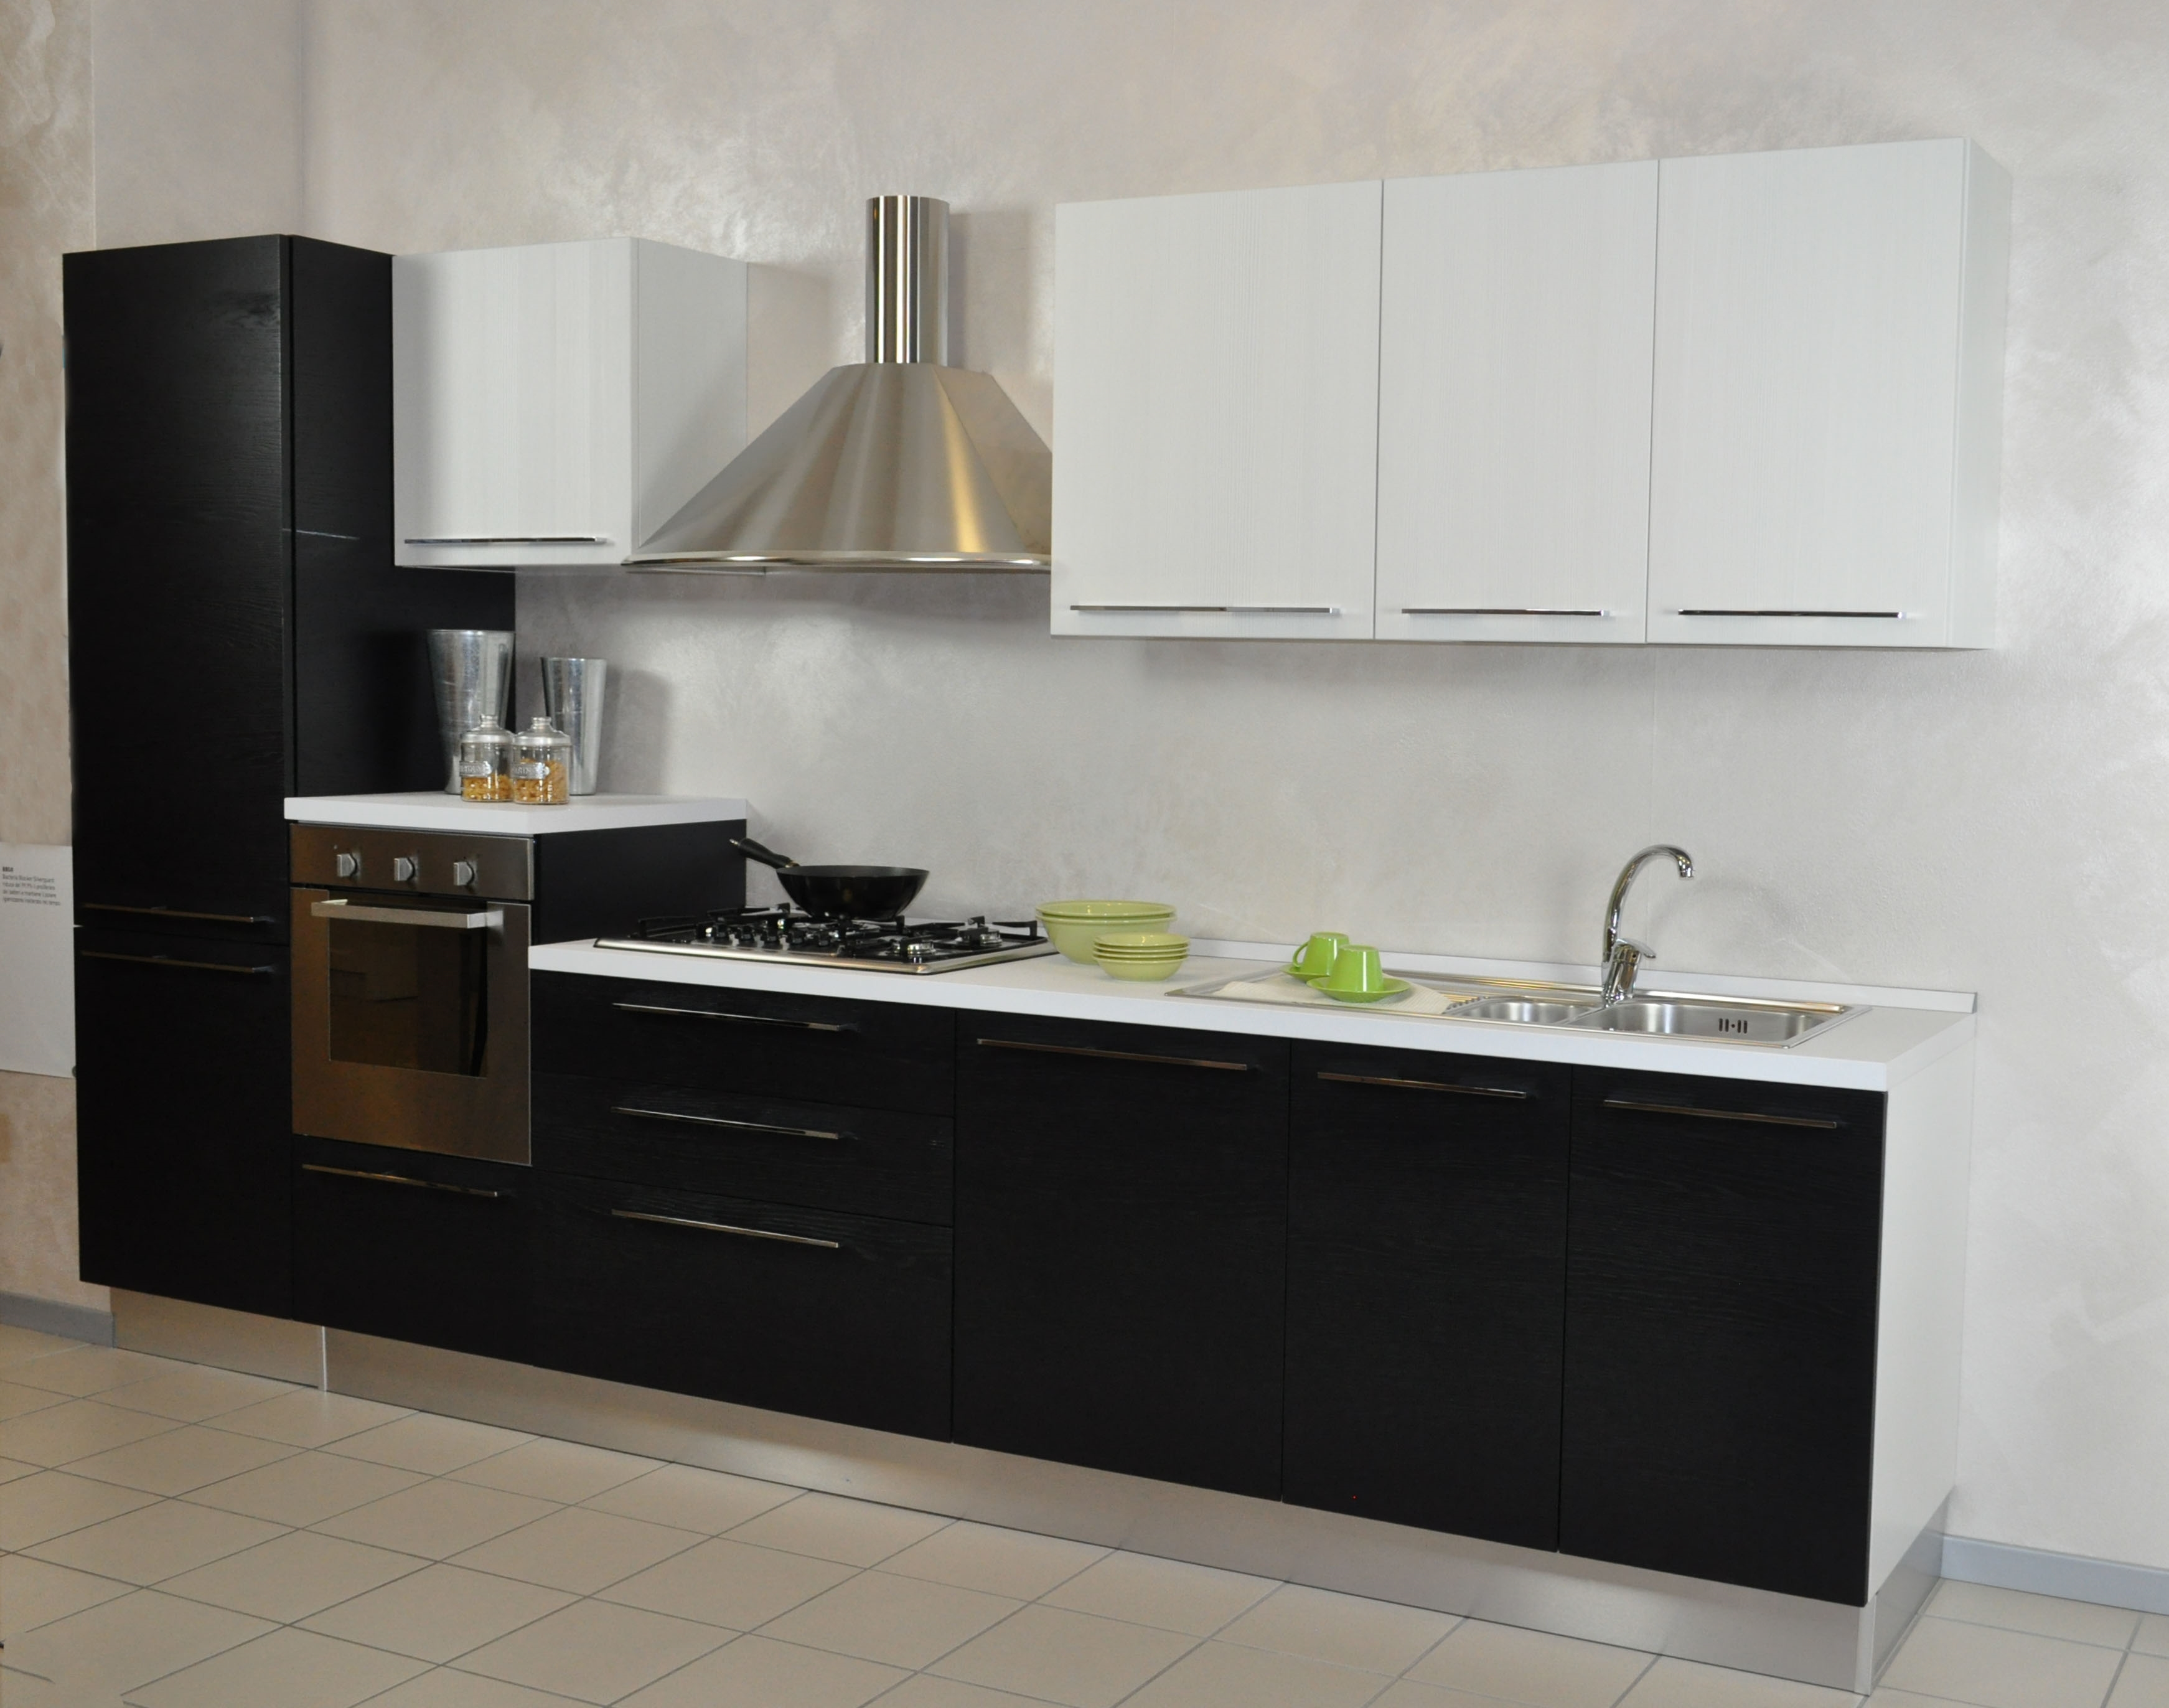 Cucine lube da esposizione idee per il design della casa - Cucine leicht prezzi ...